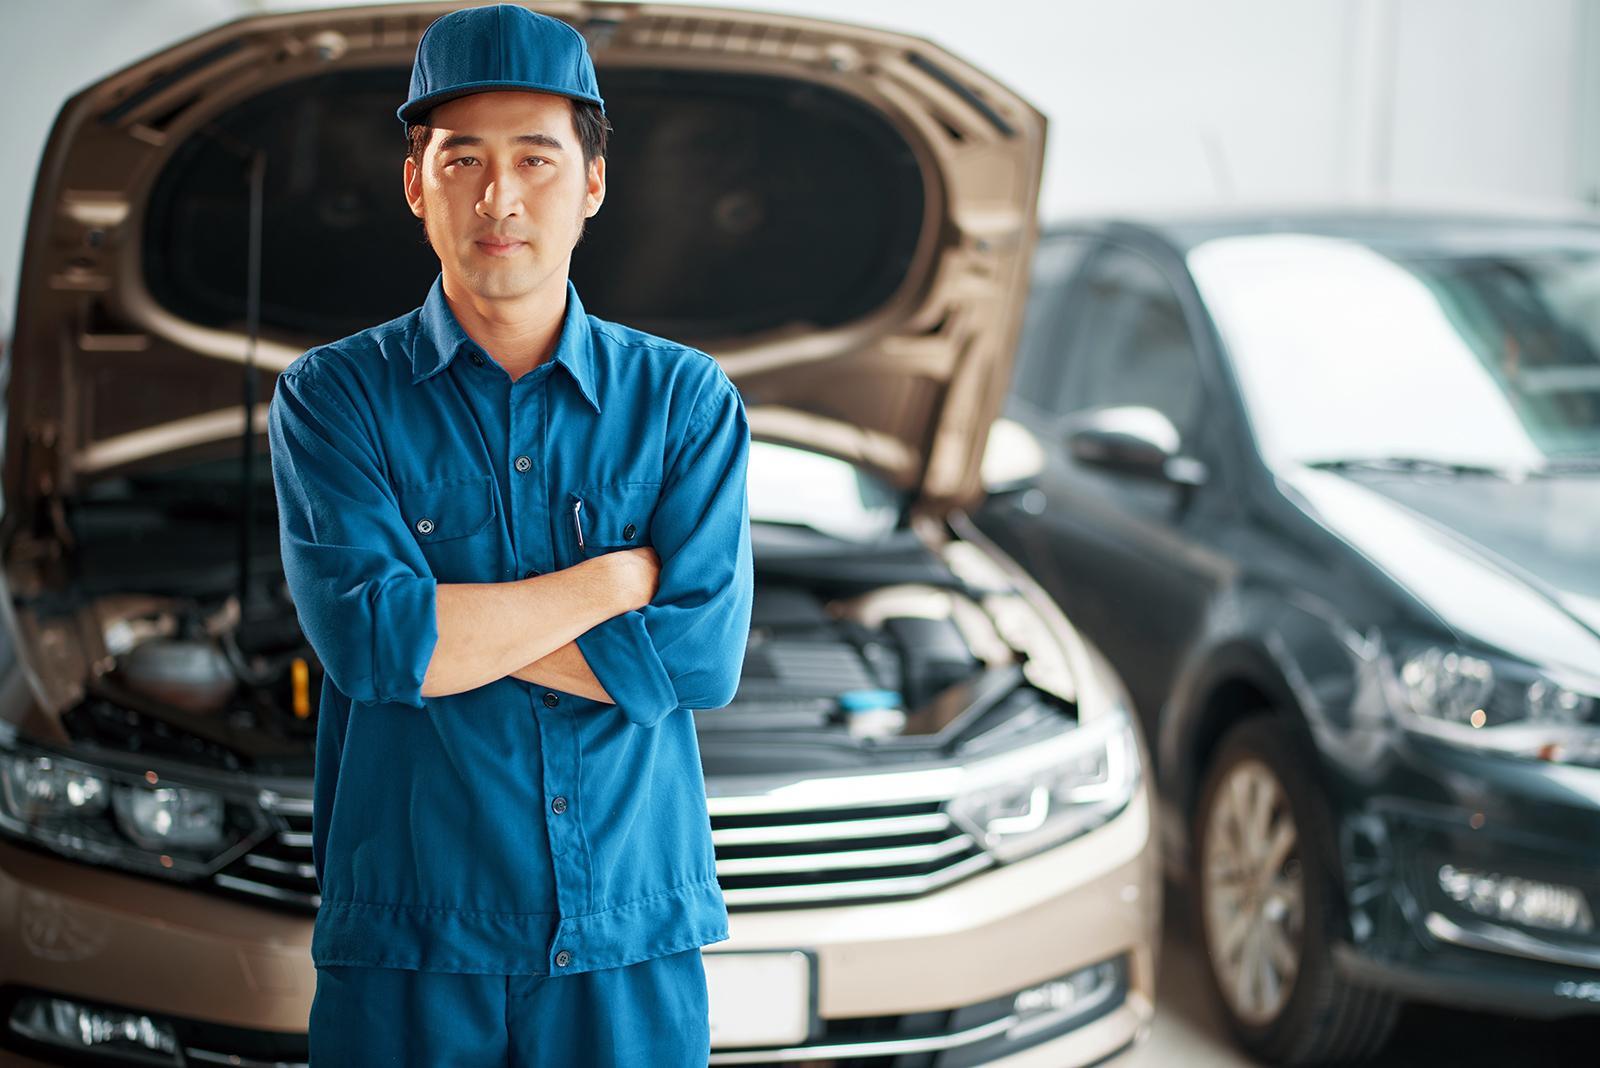 a mechanic at a car service center